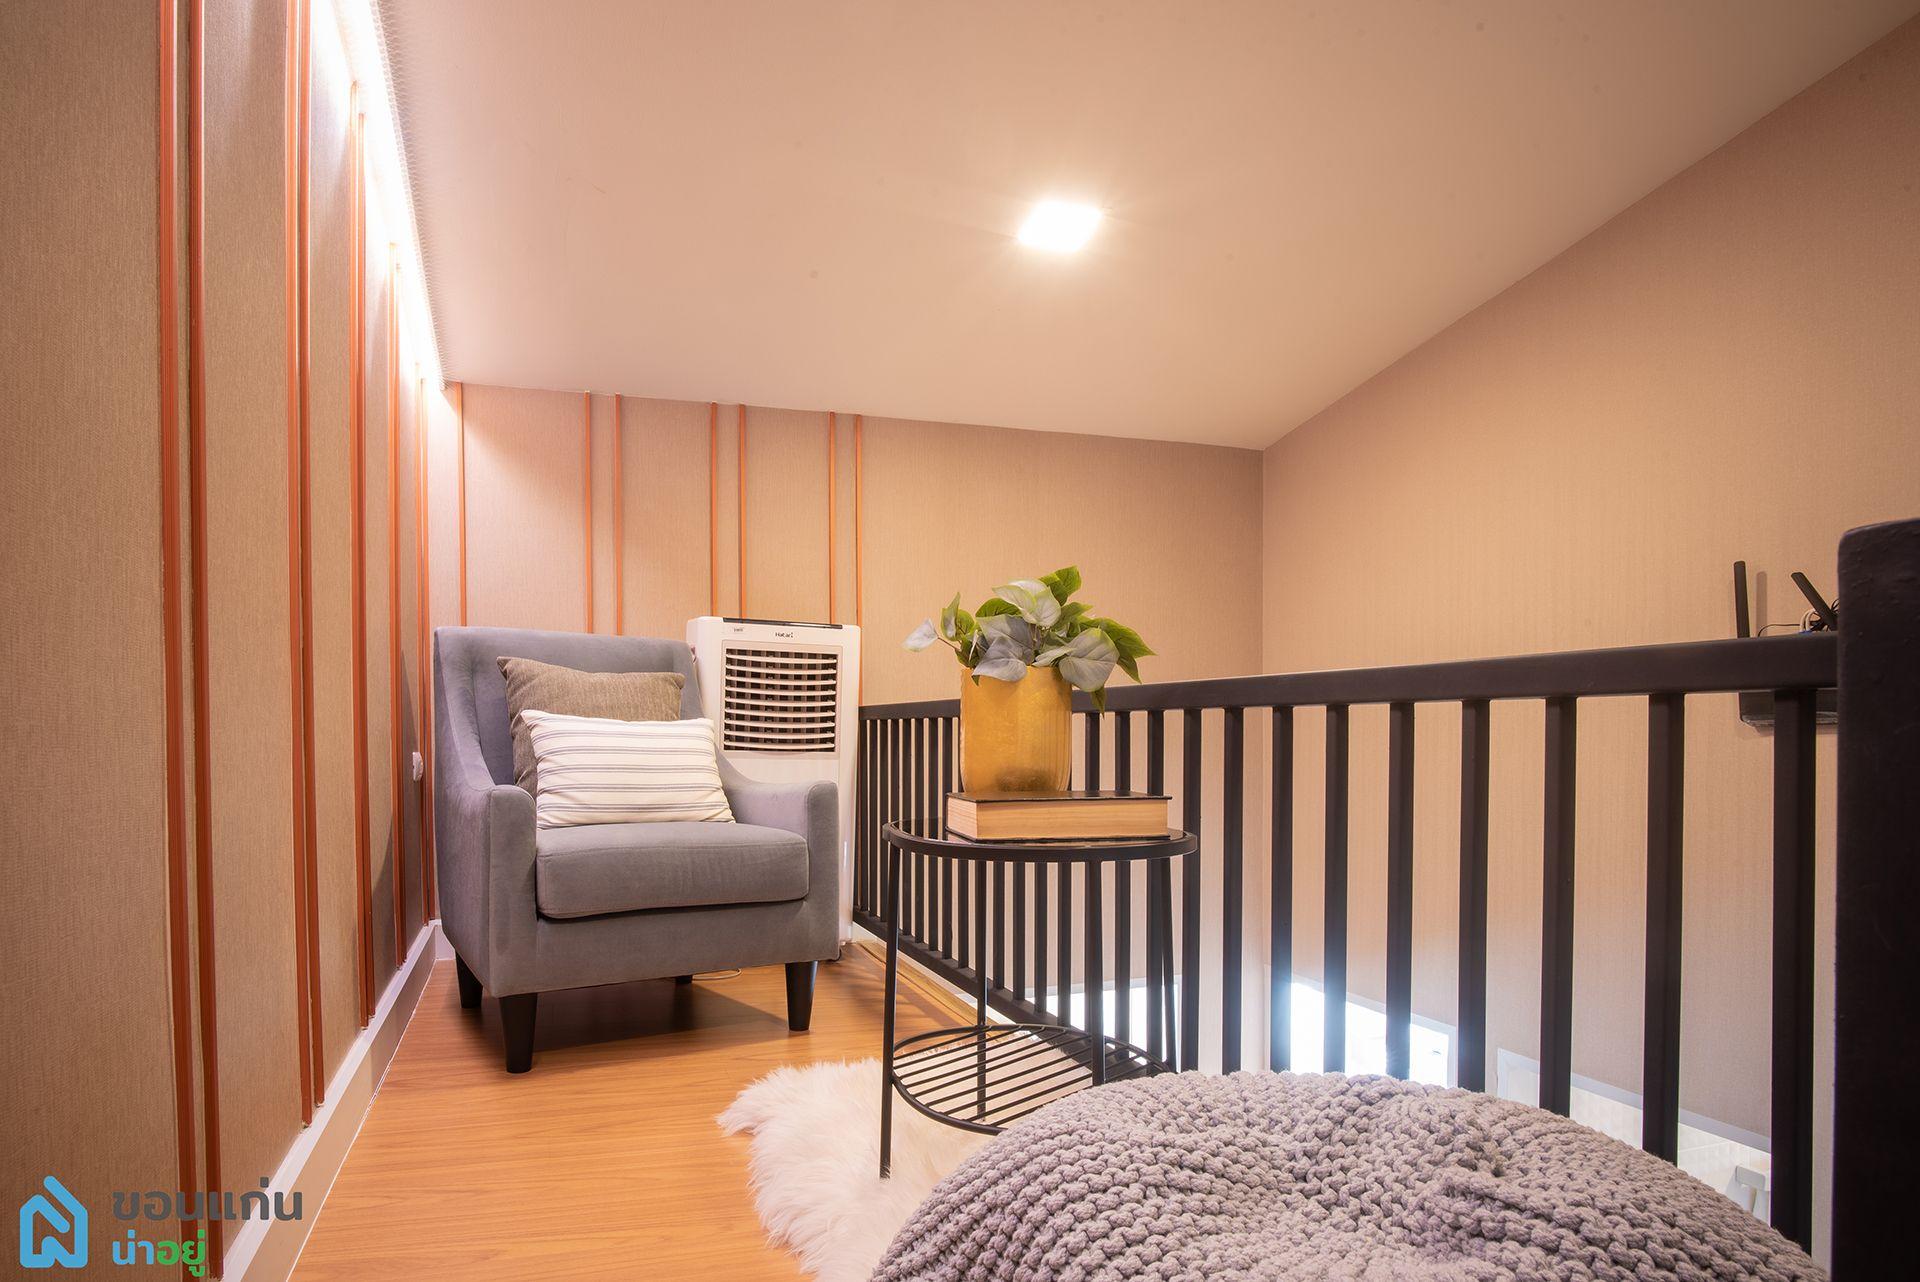 ชั้น 2 ครึ่ง สามารถจัดเป็นมุมนั่งชิล หรือจะเป็นห้องพระก็ได้